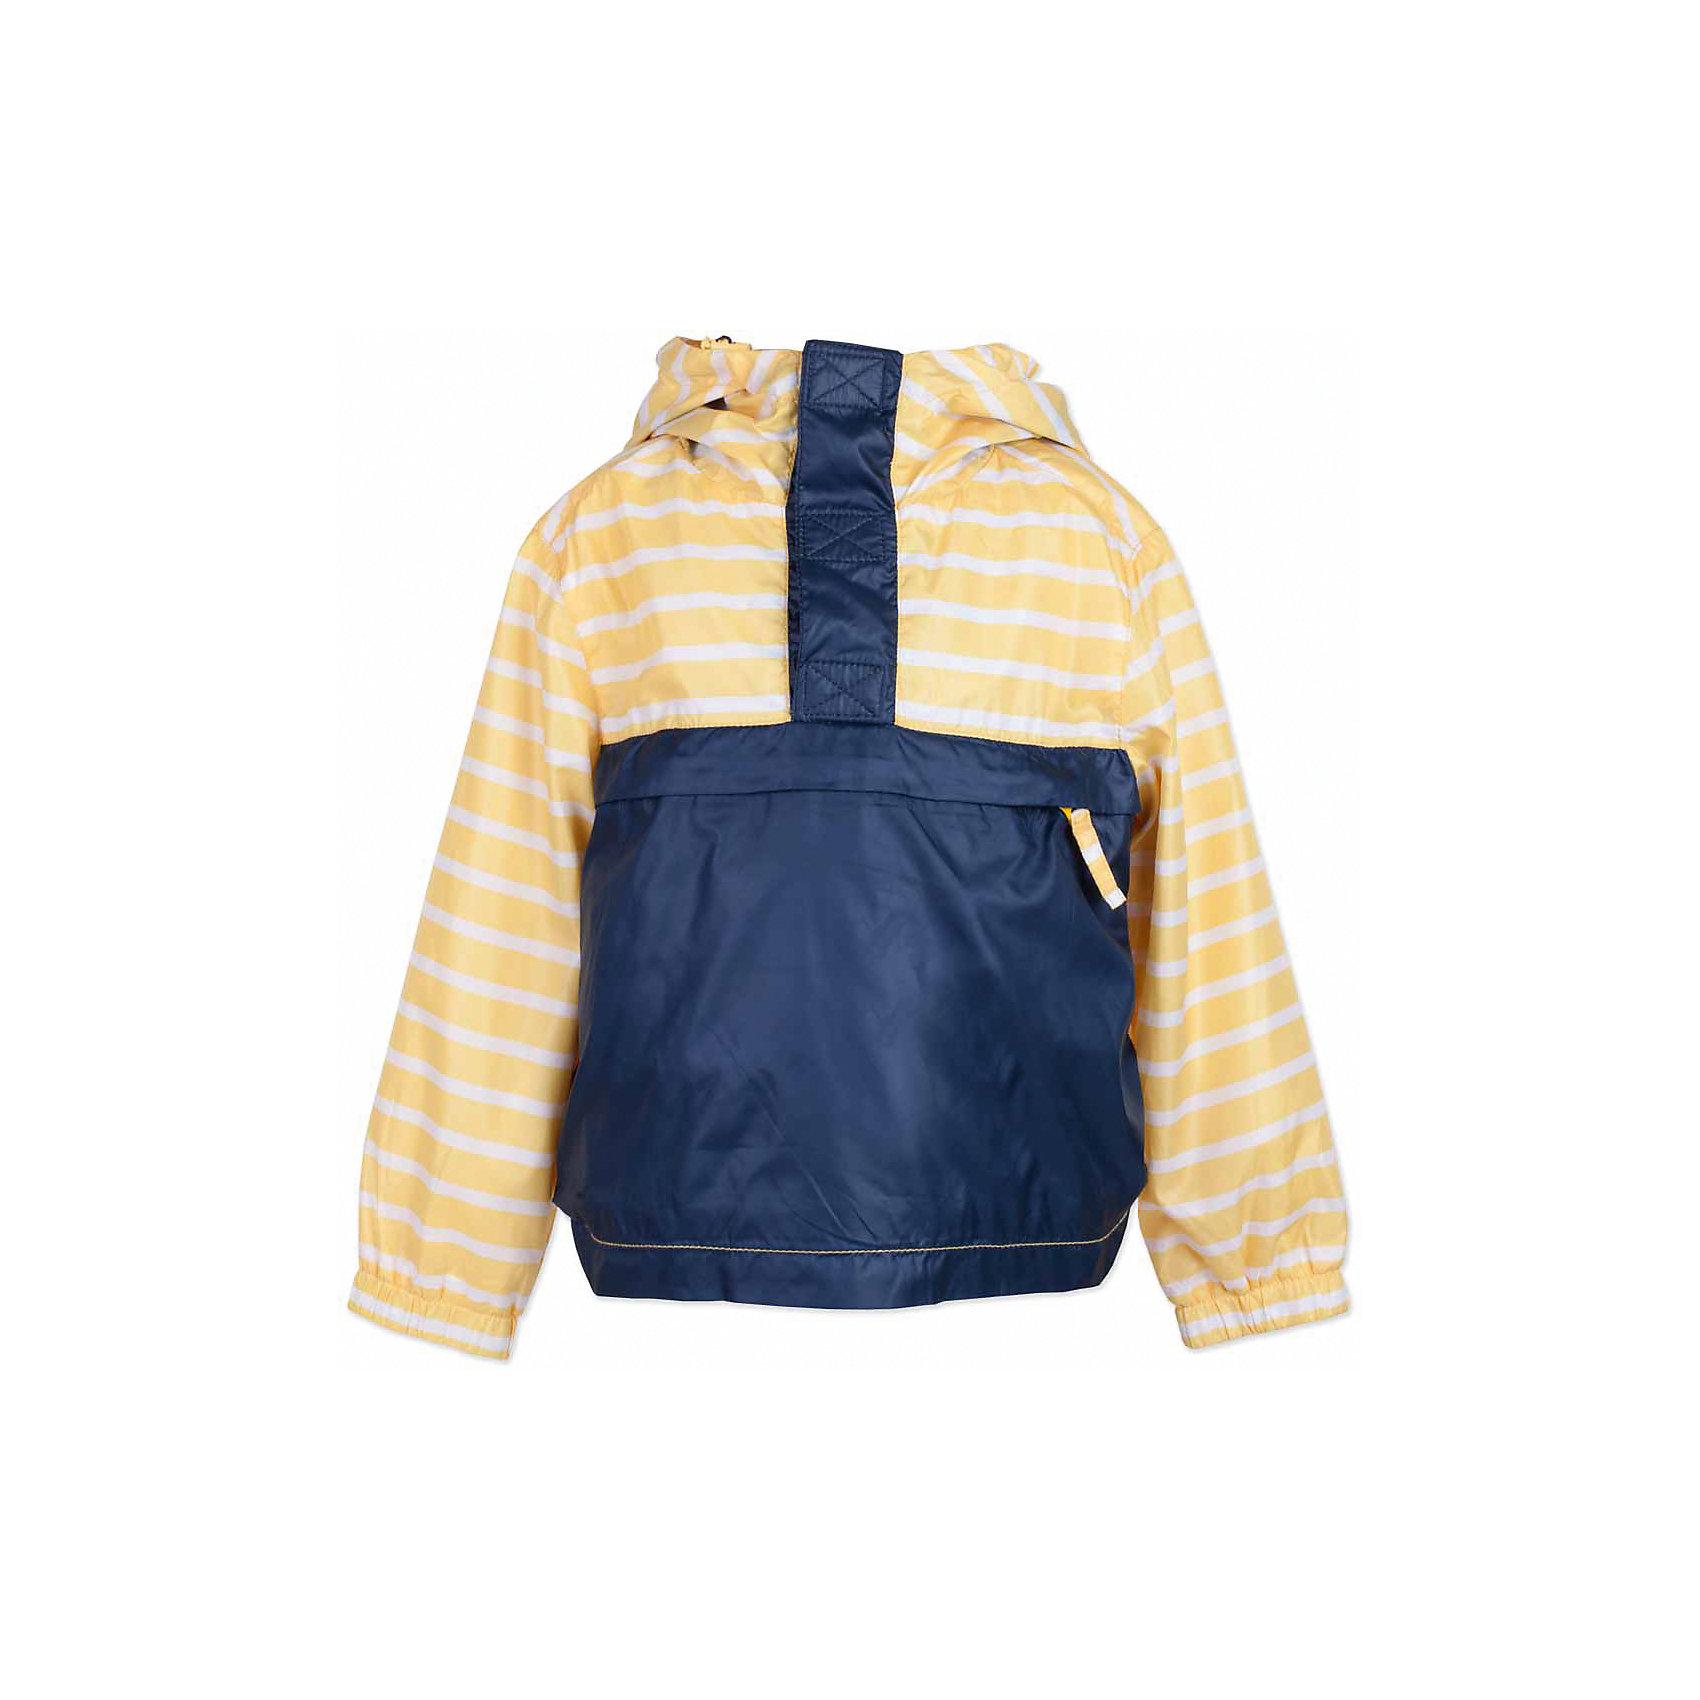 Куртка для мальчика  BUTTON BLUEВерхняя одежда<br>Куртка для мальчика  BUTTON BLUE<br>Яркая ветровка - прекрасное решение для летней прохлады. Модная форма, динамичная комбинация глади и полоски, продуманные детали подарят отличное настроение. Капюшон надежно защитит от дождя и ветра. Хлопковая трикотажная подкладка создаст уют. Если вы решили купить стильную ветровку для мальчика недорого, но хотите быть уверены в ее комфорте, качестве, высоких потребительских свойствах, полосатая ветровка Button Blue - то, что нужно!<br>Состав:<br>Ткань  верха: 100% полиэстер, подклад: 100% хлопок/ 100% полиэстер<br><br>Ширина мм: 356<br>Глубина мм: 10<br>Высота мм: 245<br>Вес г: 519<br>Цвет: желтый<br>Возраст от месяцев: 108<br>Возраст до месяцев: 120<br>Пол: Мужской<br>Возраст: Детский<br>Размер: 140,98,104,110,116,122,128,134<br>SKU: 5524542